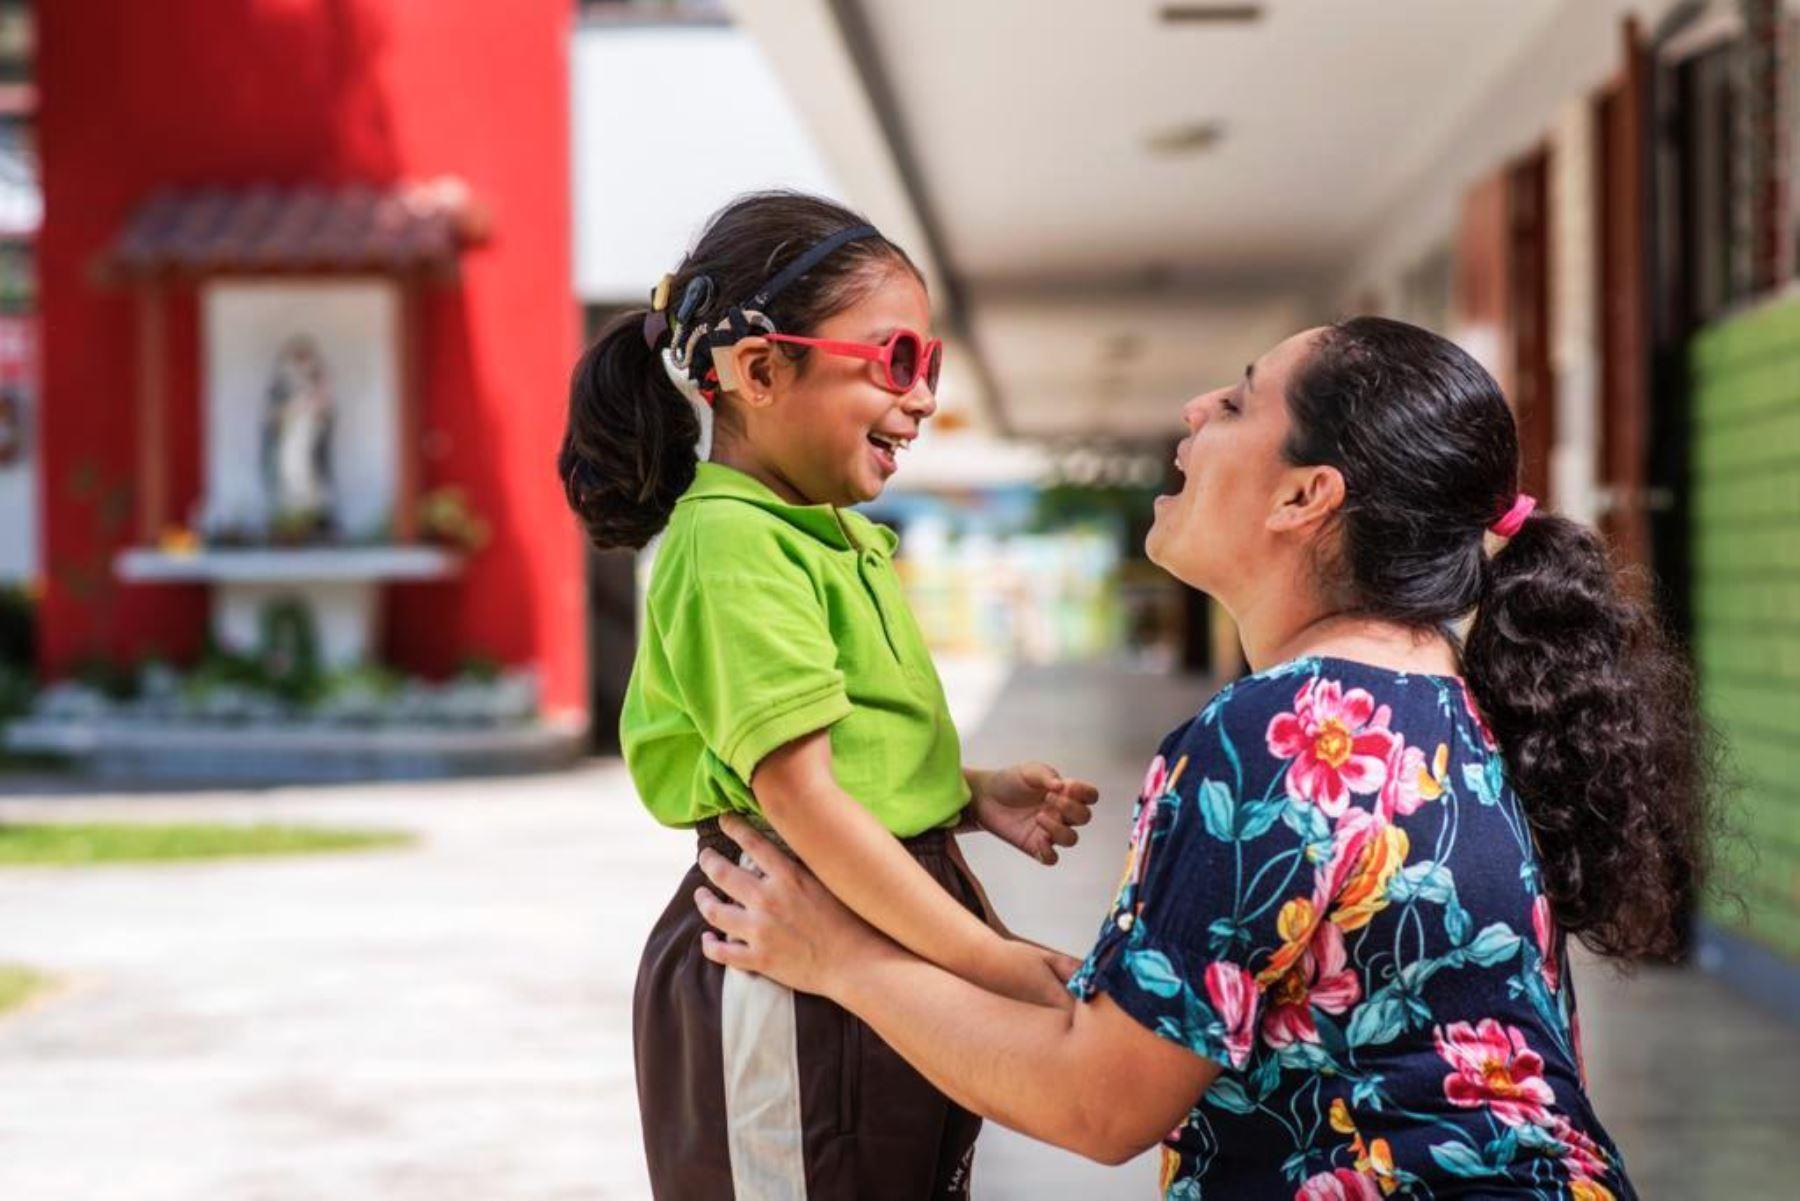 Minedu y Sense Internacional Perú capacitarán a 900 docentes que atienden a estudiantes con sordoceguera. Foto: ANDINA/Difusión.